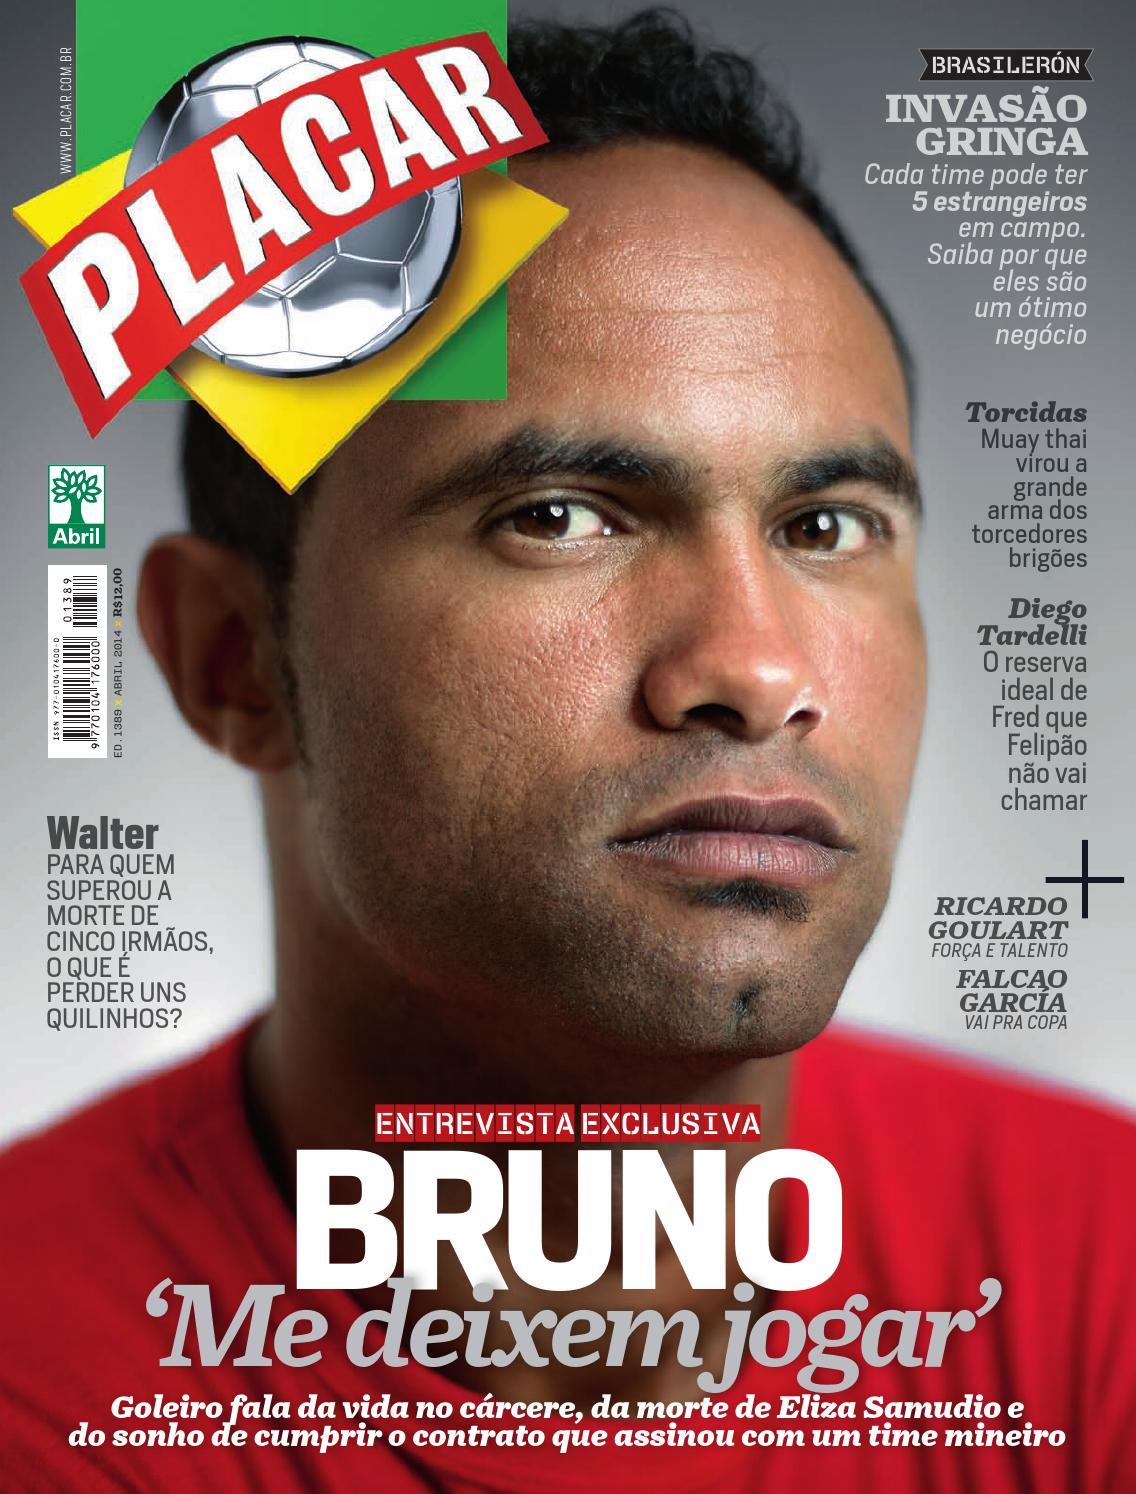 Revista Placar - Editora Abril by Revista Placar - issuu 8a74a5cb0a050